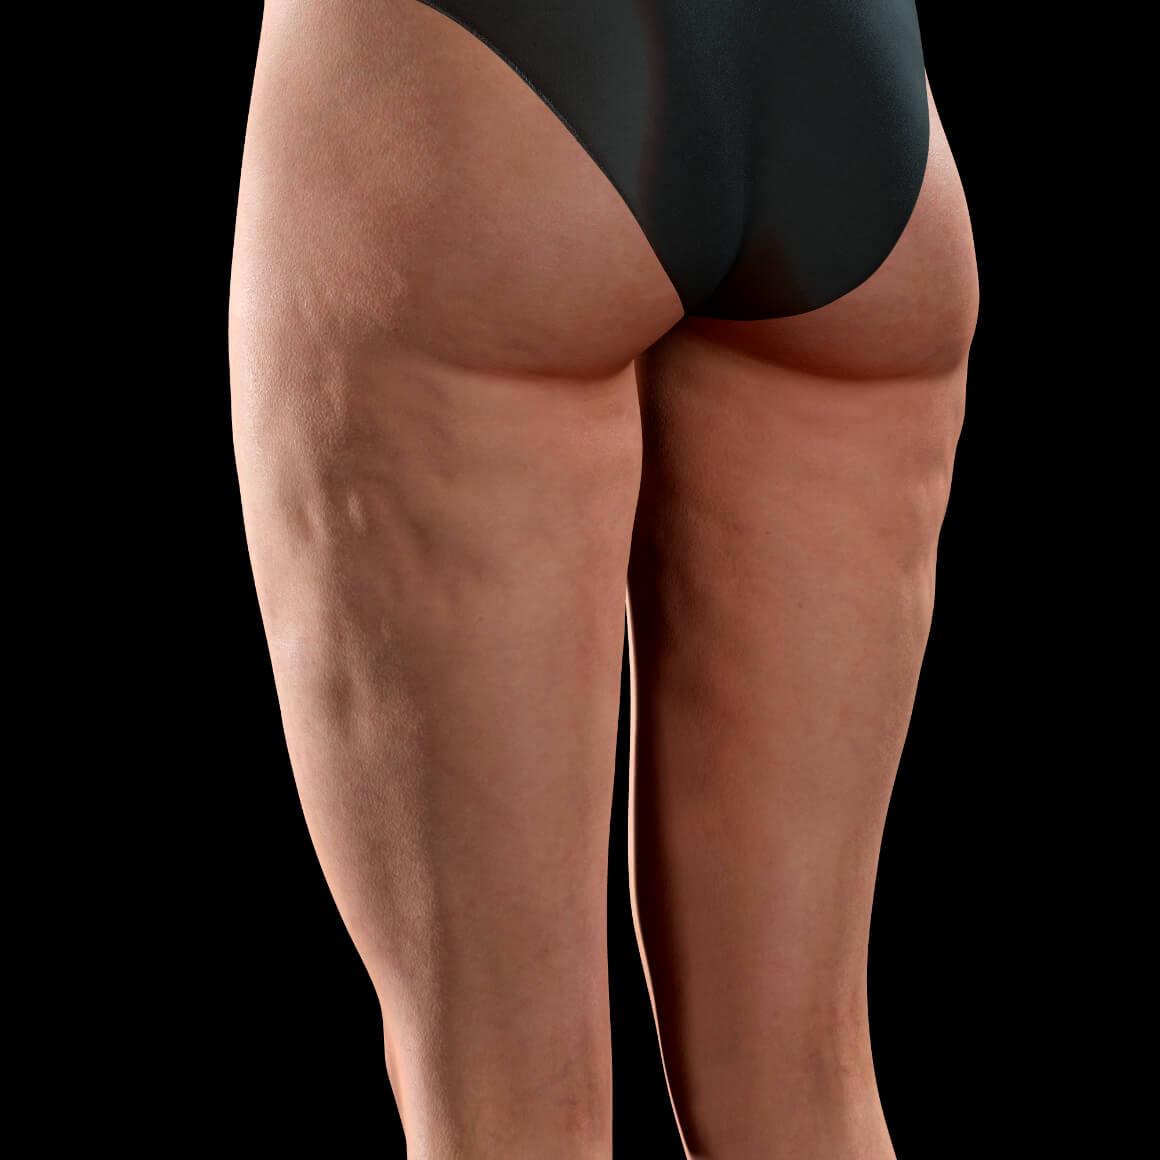 Une patiente de la Clinique Chloé positionnée en angle montrant des cuisses avec de la cellulite